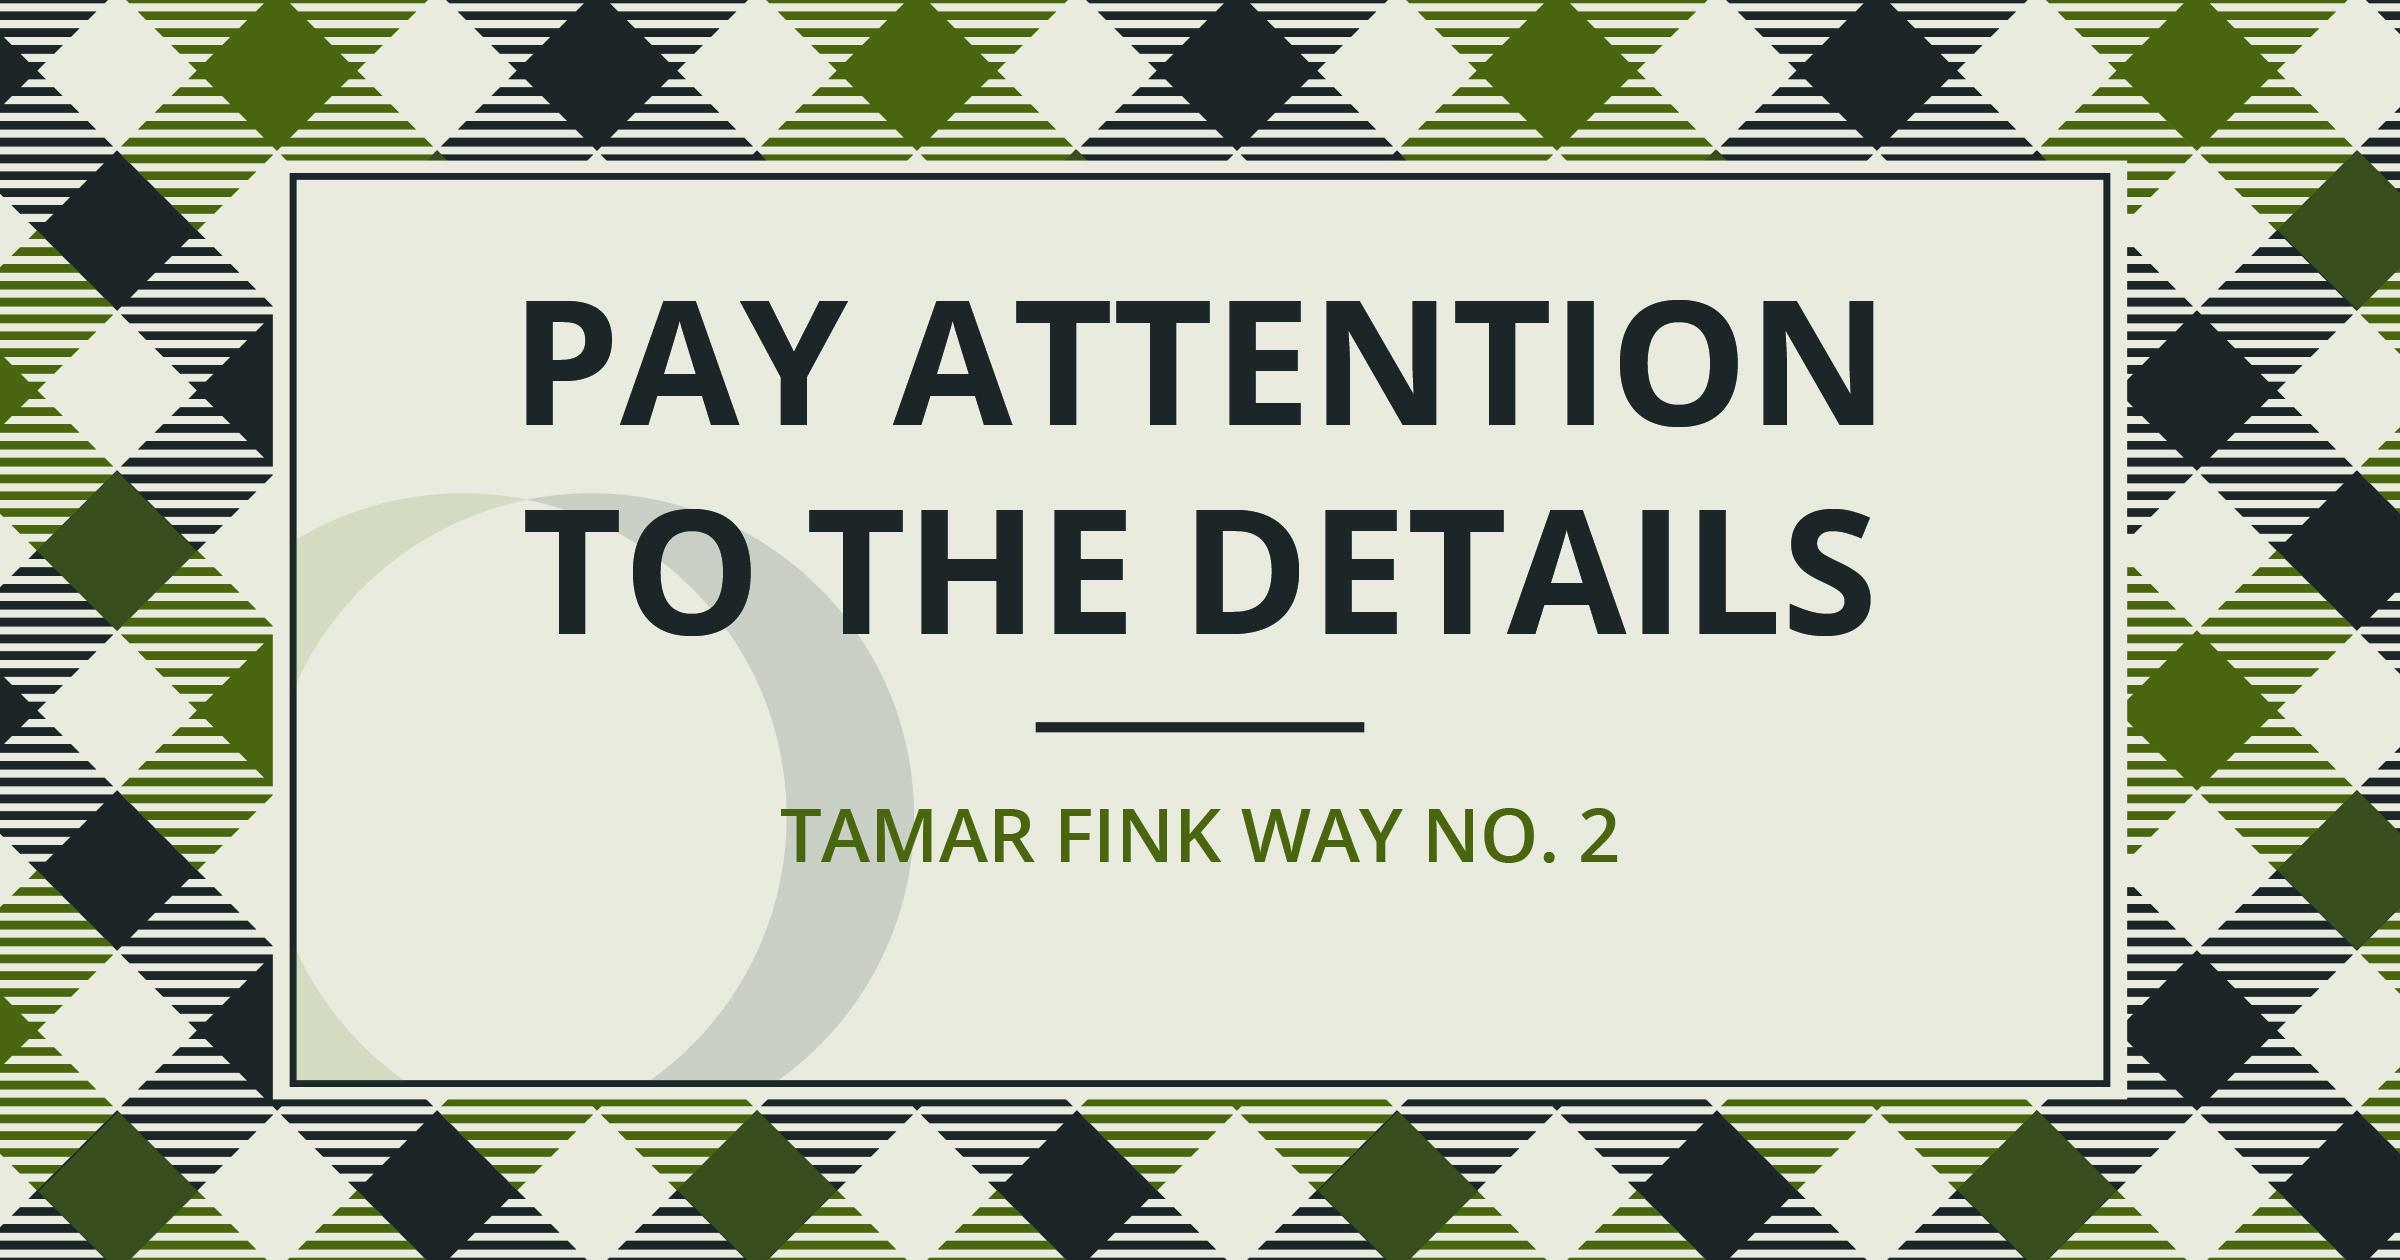 The Tamar Fink Way - #2